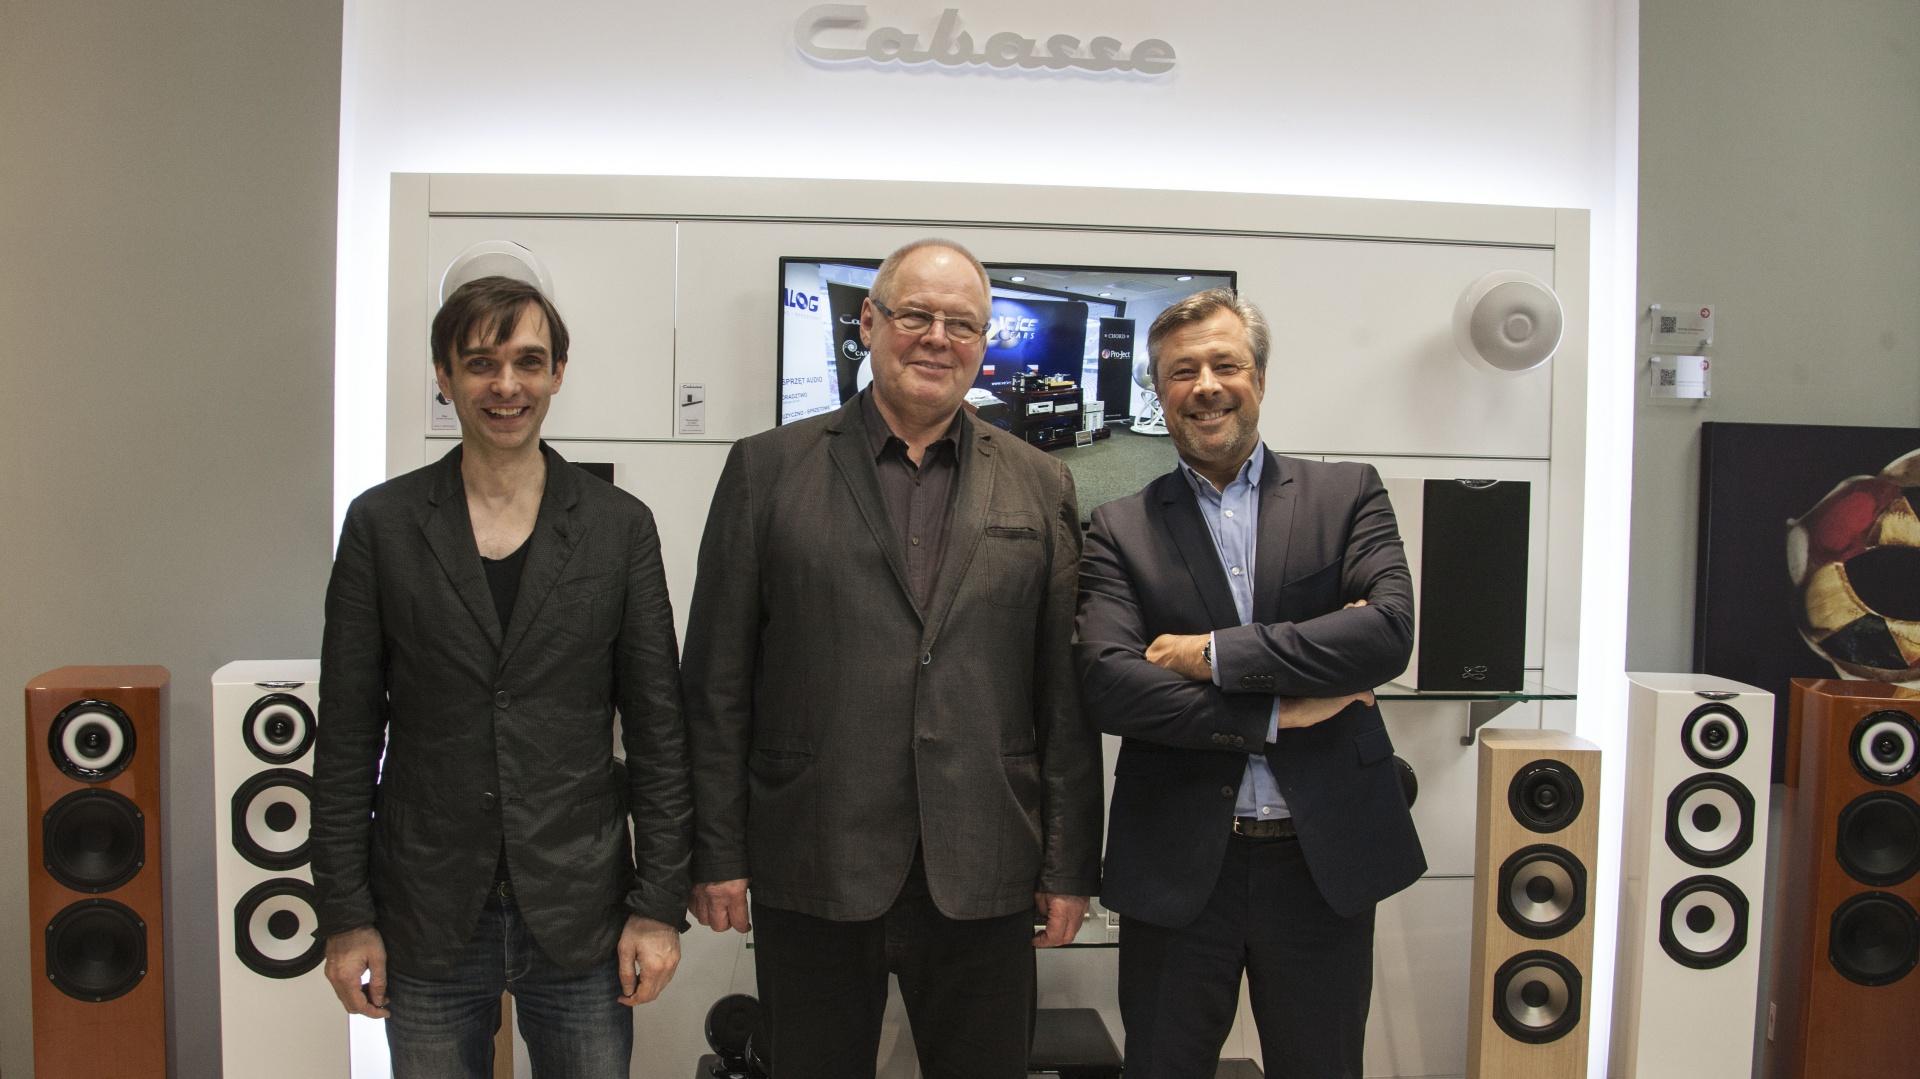 Na zdjęciu: Marcin Nowakowski – saksofonista jazzowy, Milan Werer - szef Voice i Frederic Lebreton – CEO Cabasse podczas spotkania w warszaskim salonie Luxury Art Cinema.